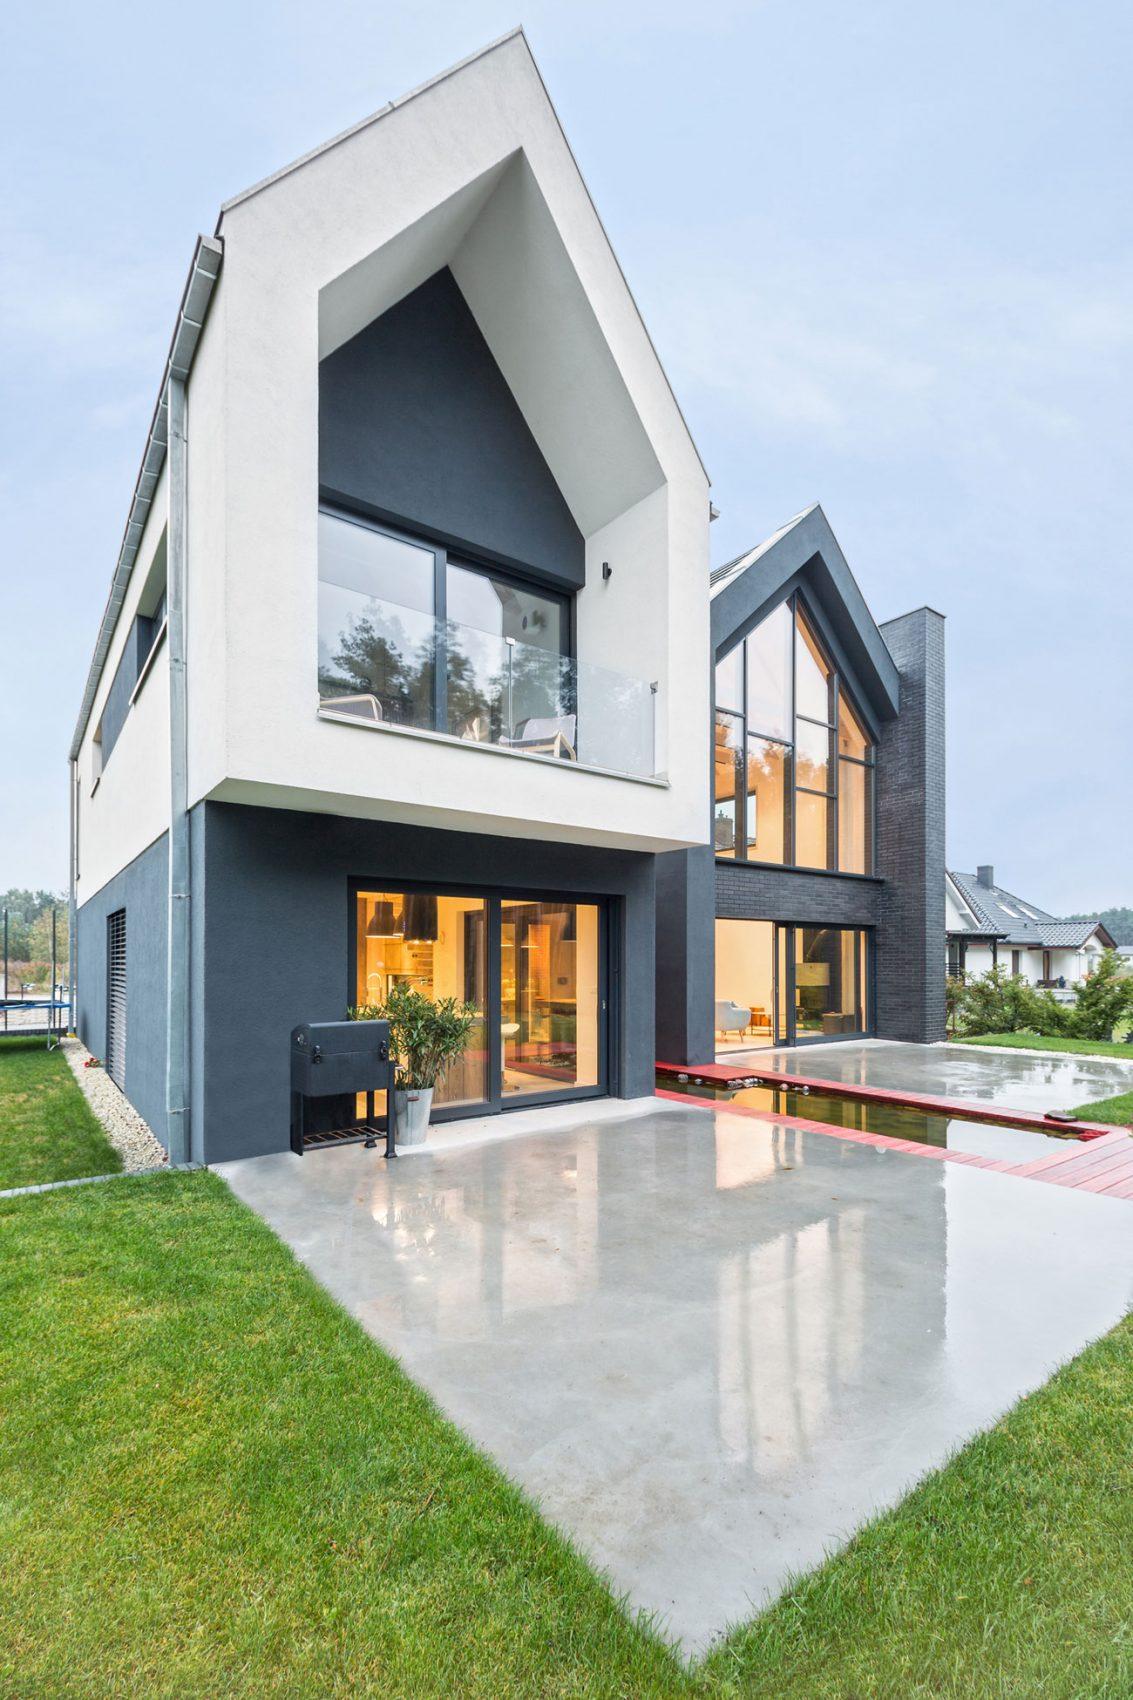 chale-com-fachada-de-vidro-projeto-residencial-em-borowiec-polonia-por-modelina